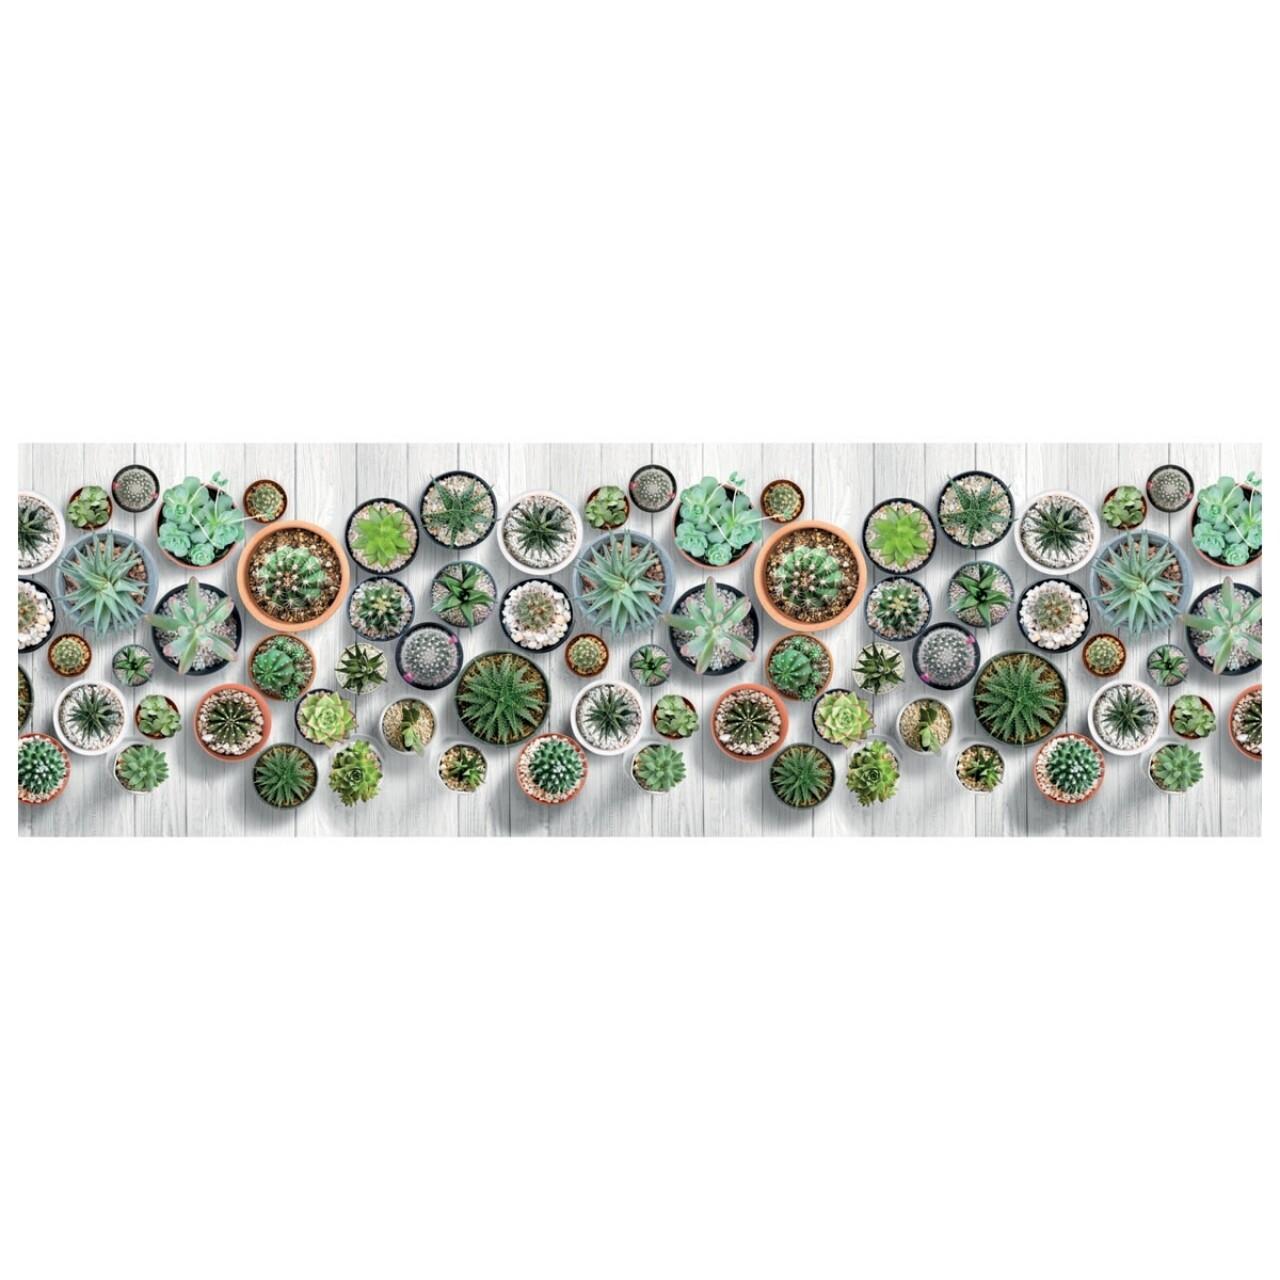 Covor rezistent Webtappeti Cactus 58 x 190 cm, multicolor